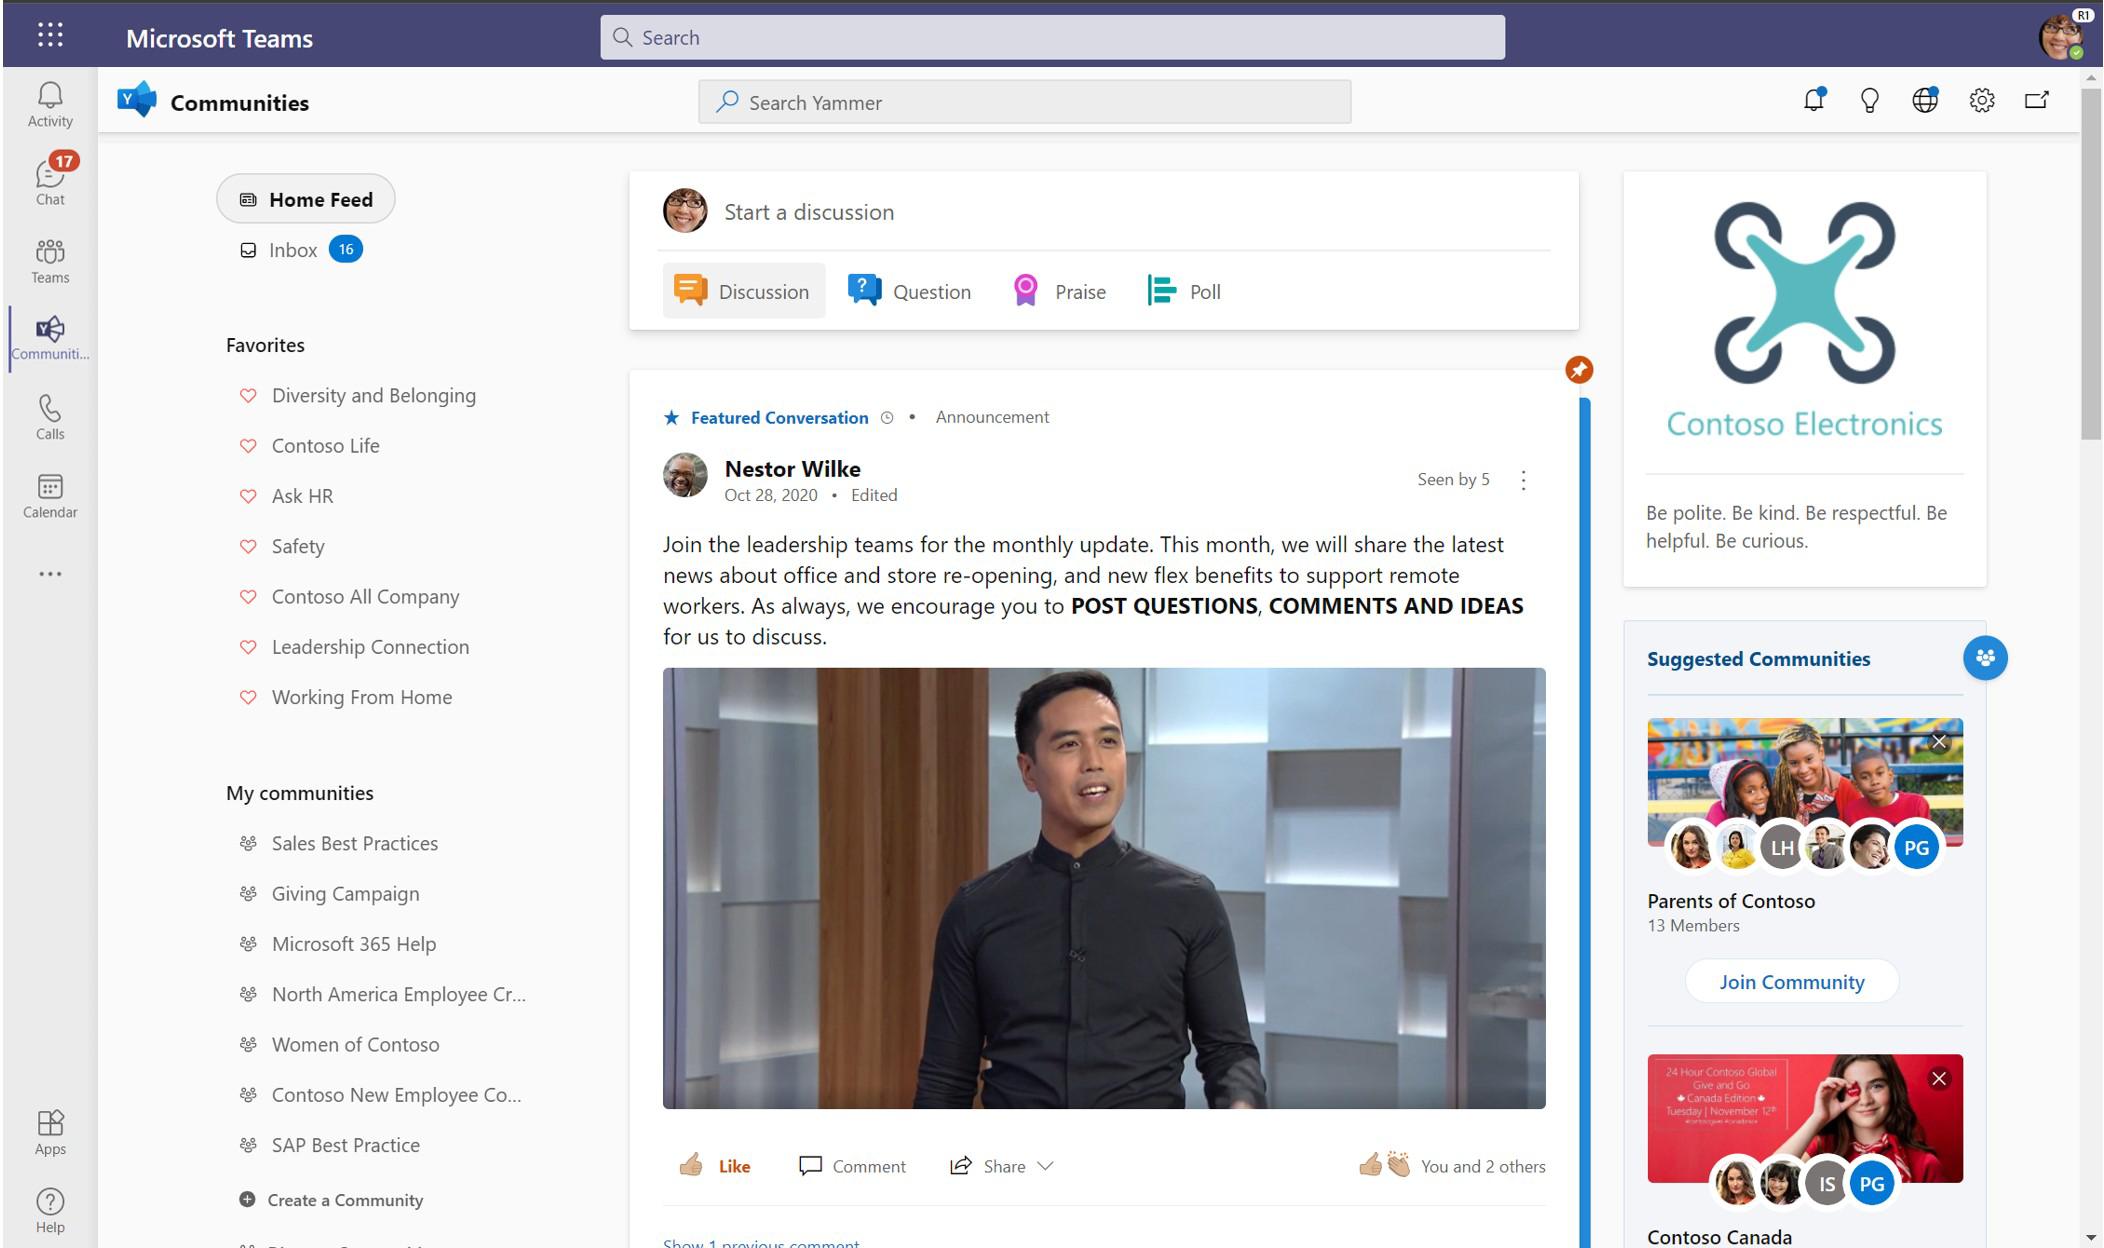 Screenshot mit der vollständigen Ansicht der app Yammer Communitys in Teams